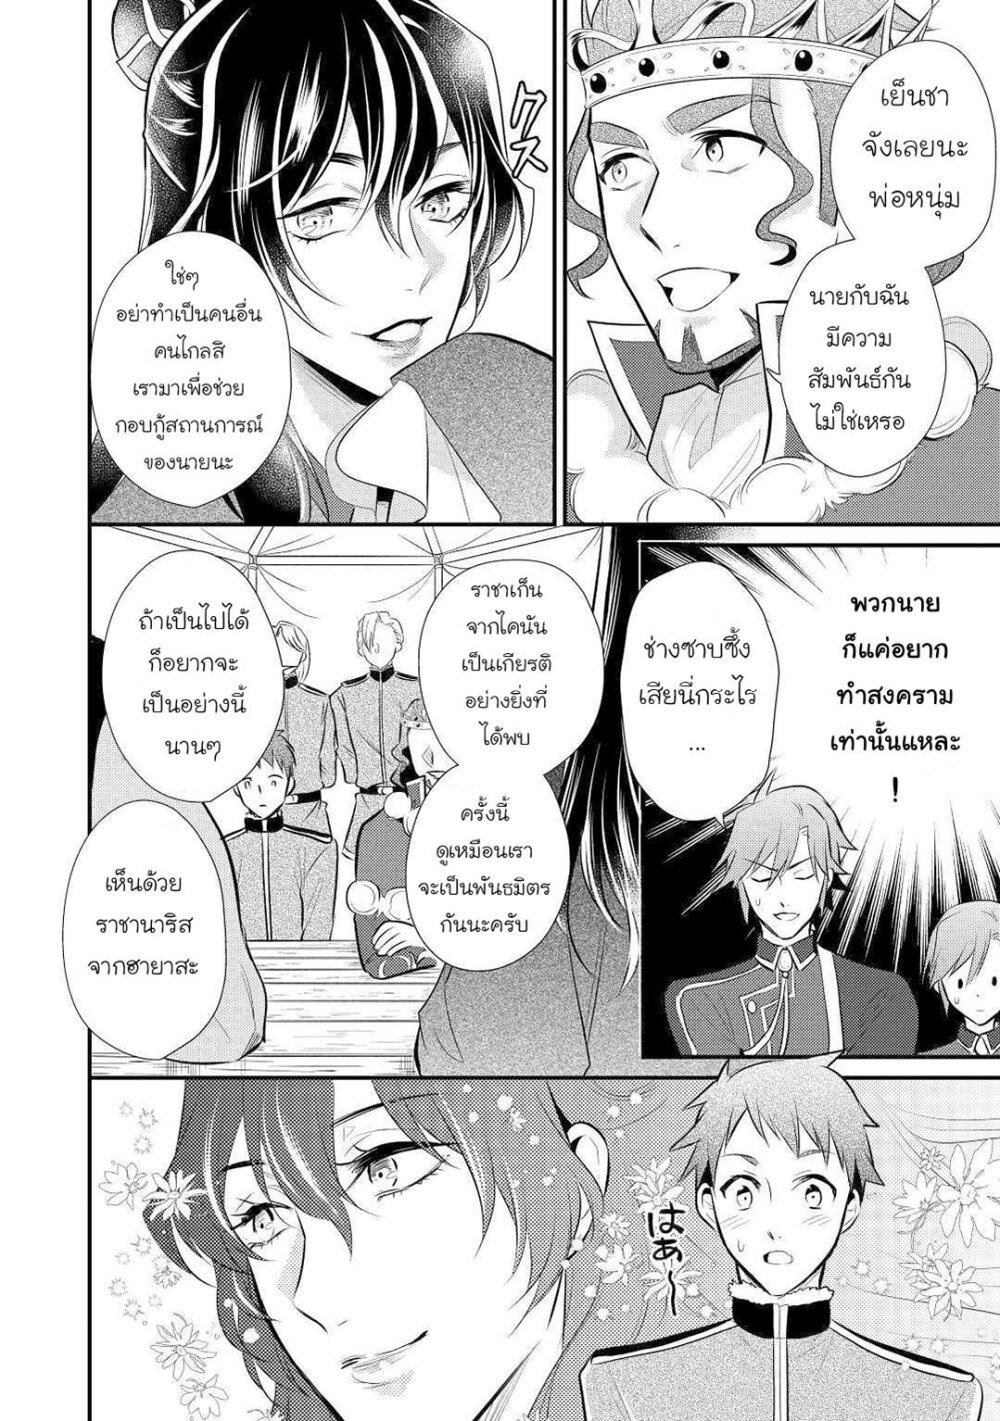 อ่านการ์ตูน Daites Ryou Koubouki ตอนที่ 25 หน้าที่ 4